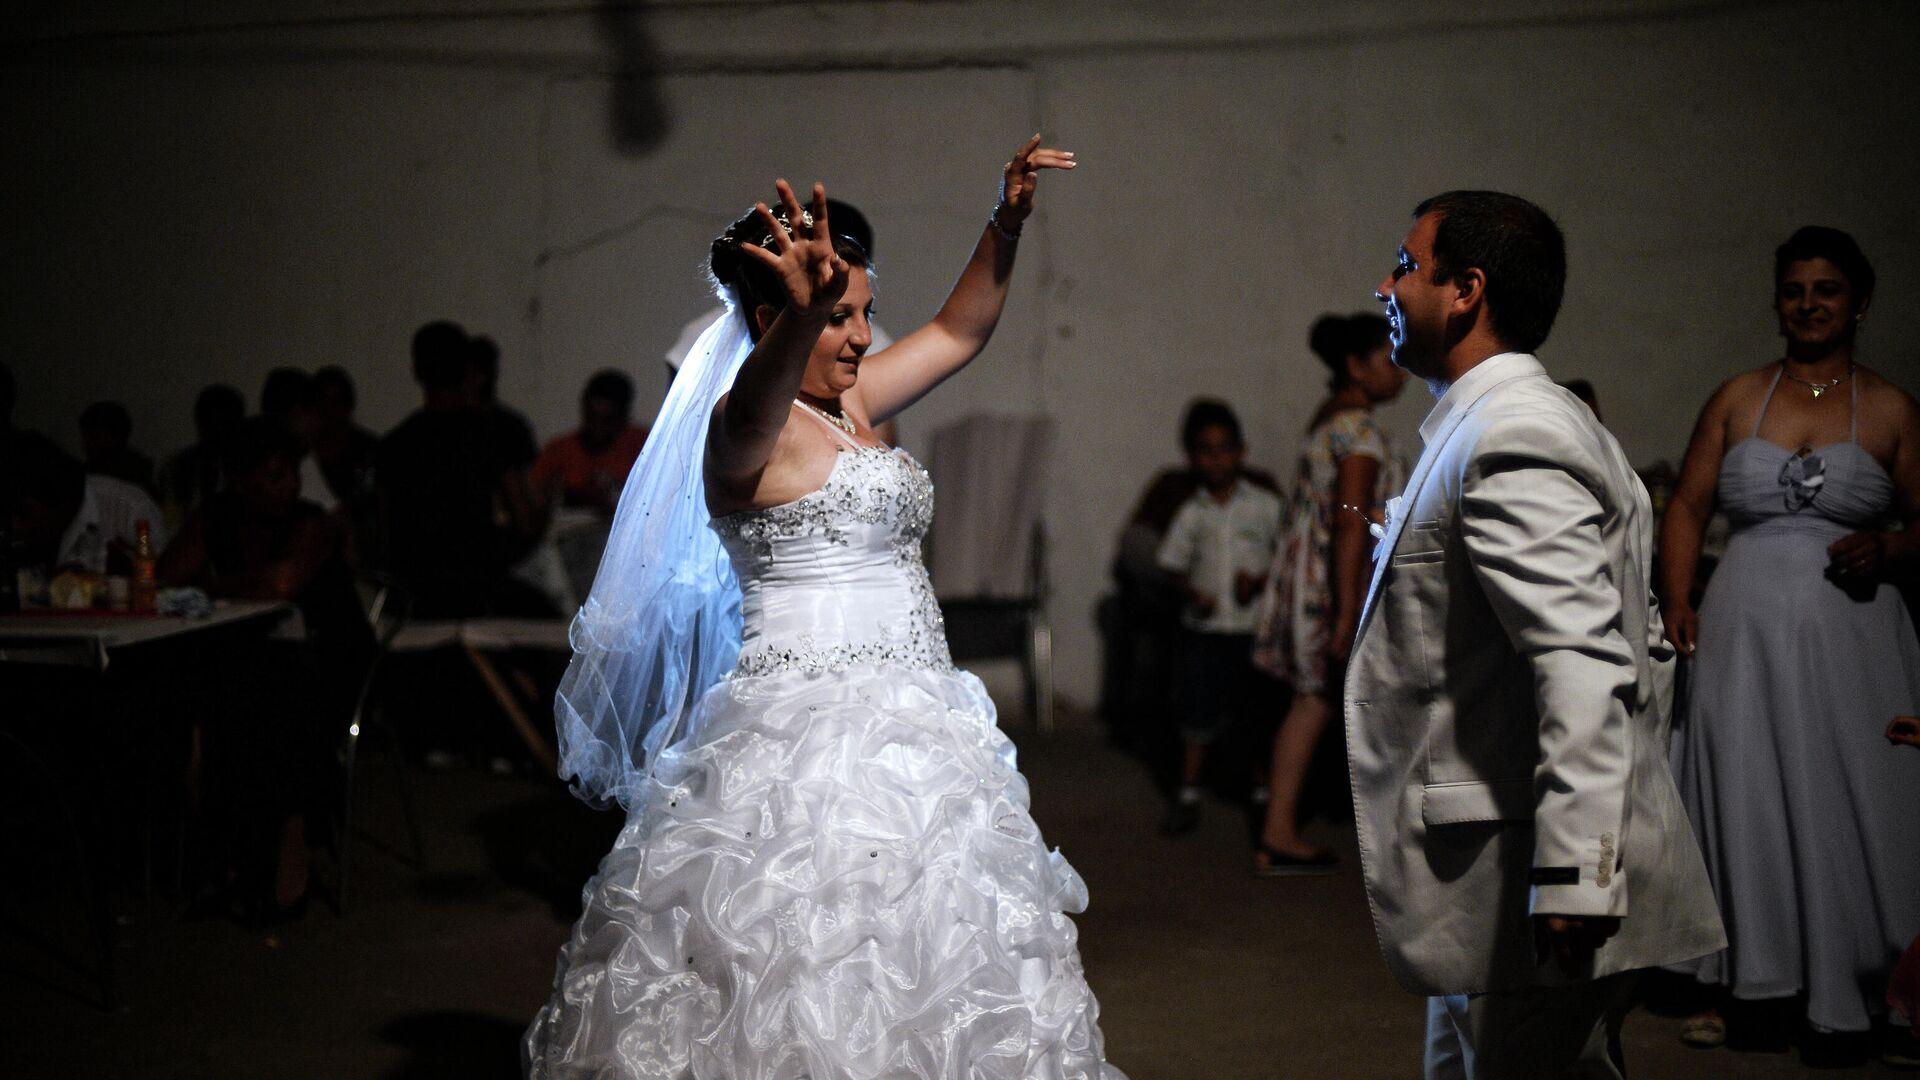 Una pareja romaní de recién casados baila durante su fiesta de bodas en el pueblo de Dolni Tsibar en el río Danubio. - Sputnik Mundo, 1920, 11.02.2021